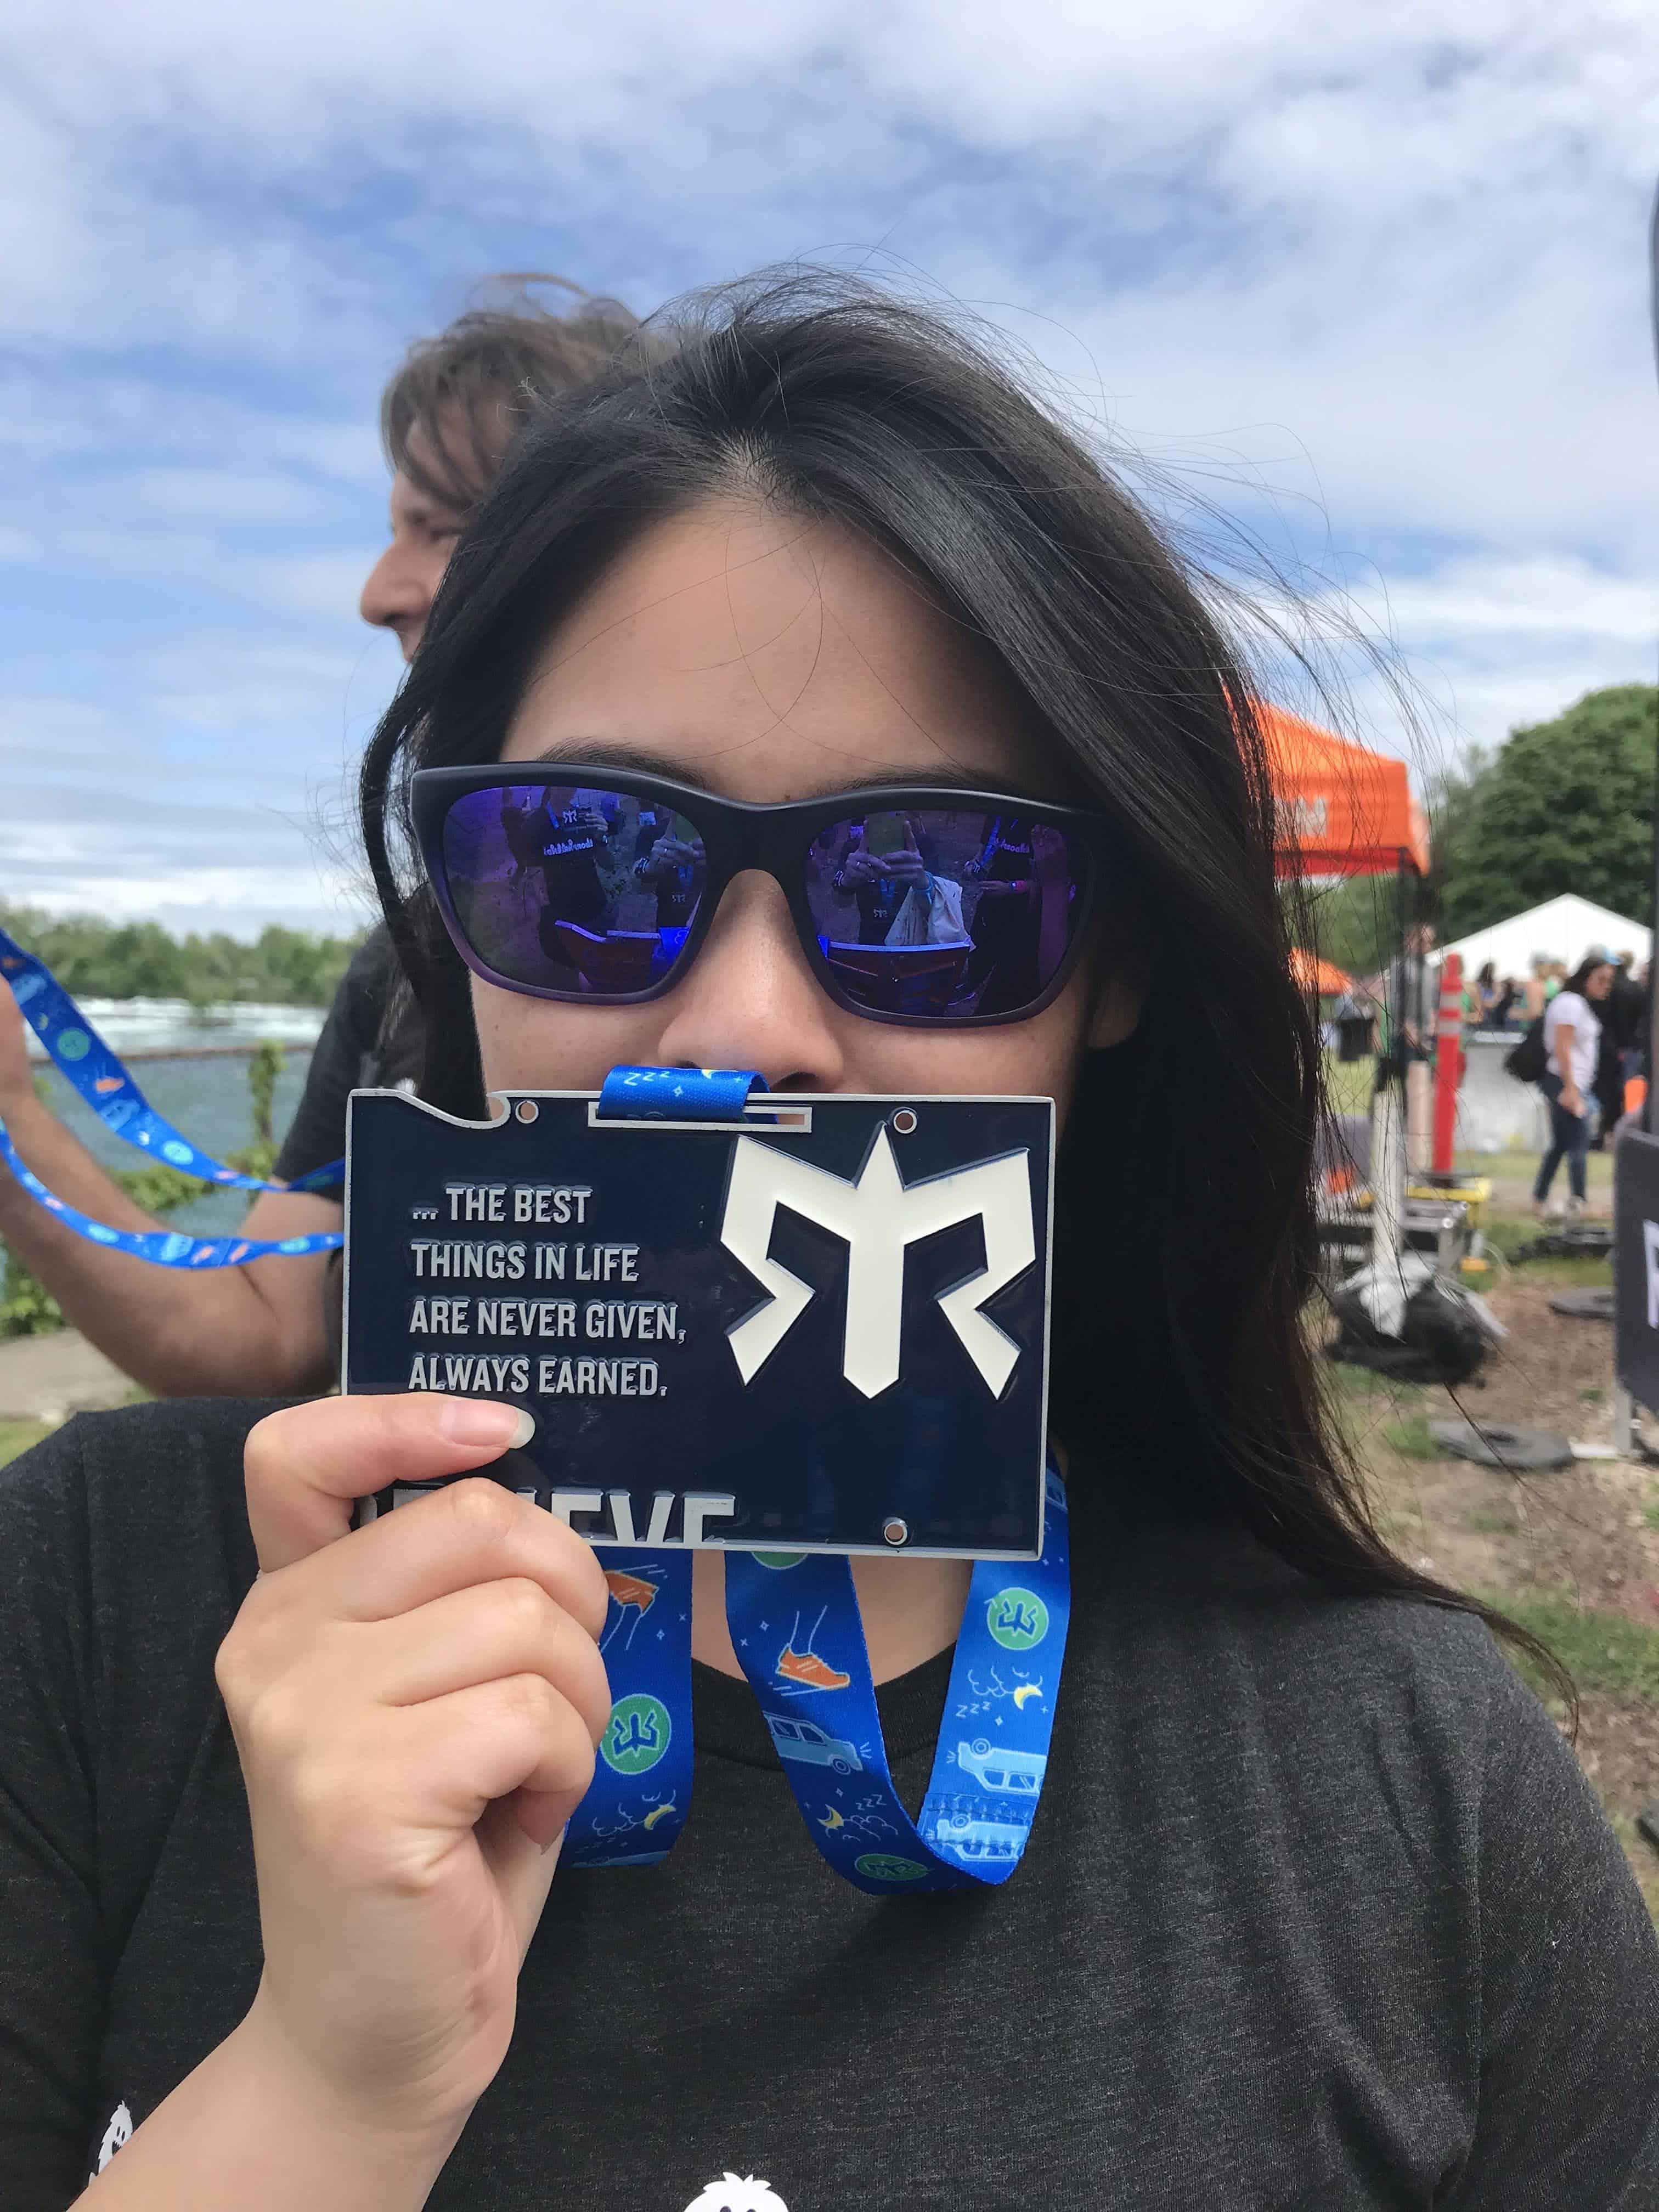 Ragnar Niagara Relay 2018 medal